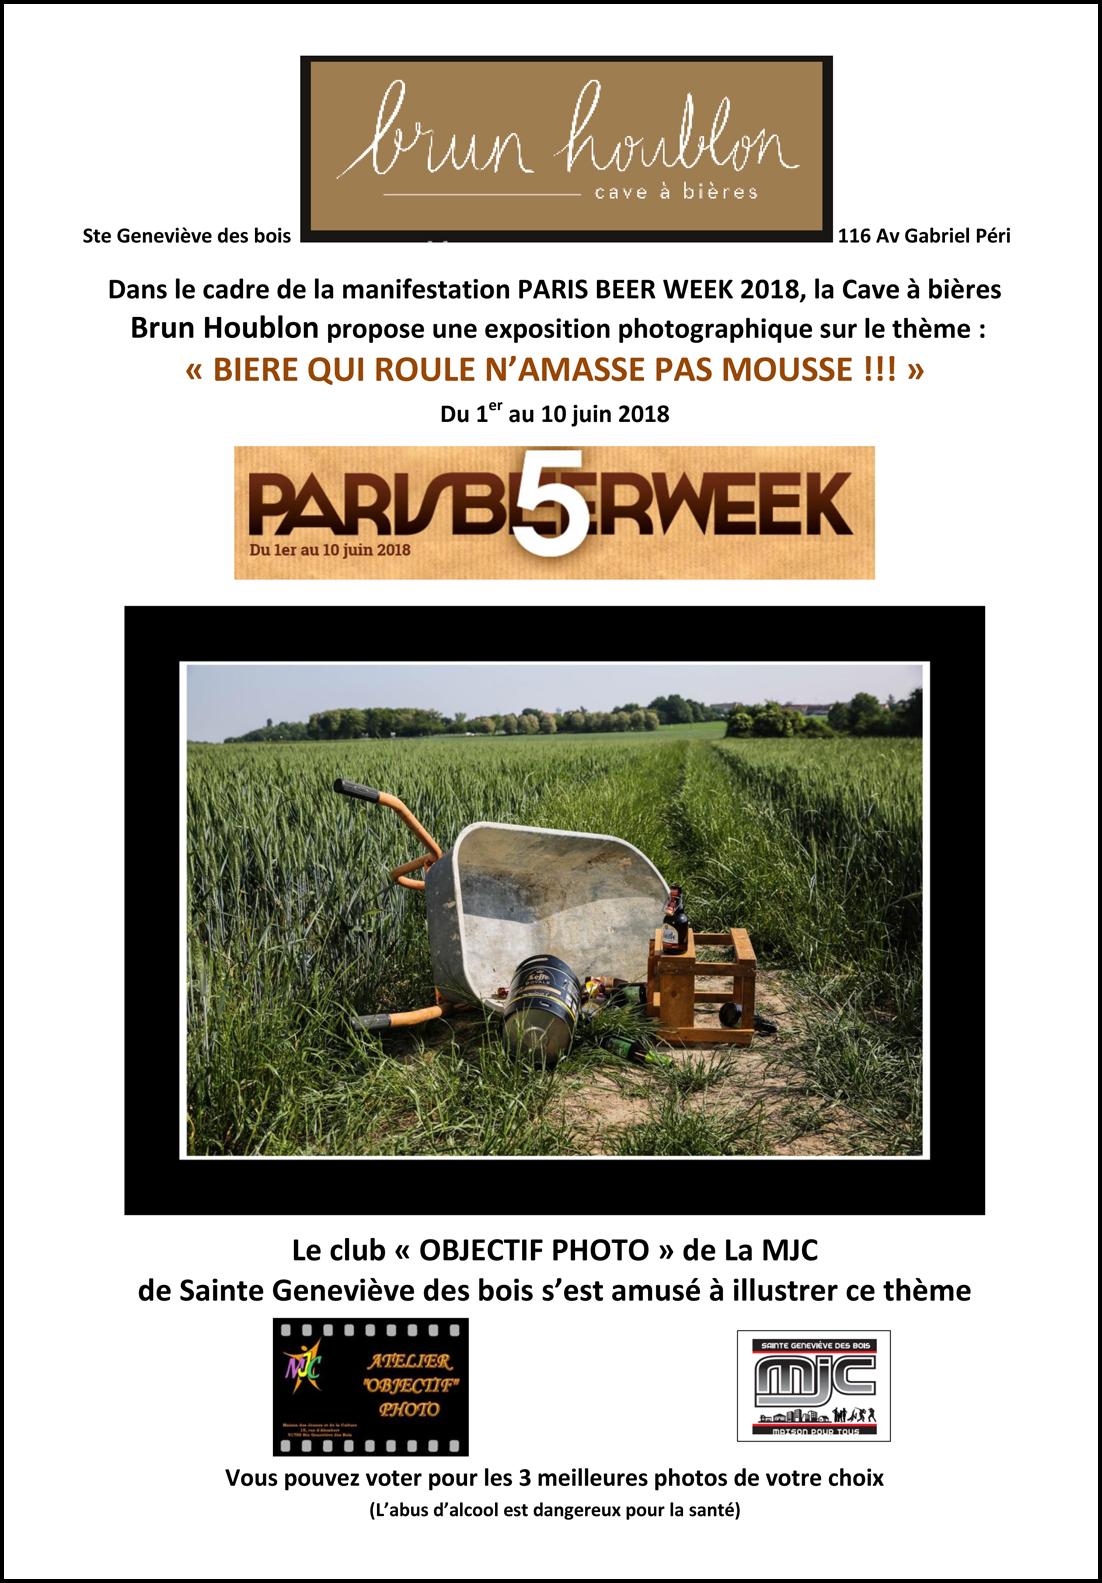 Expo photo de la MJC Ste Geneviève des Bois du 1 au 10 juin 18 chez Brun Houblon – thème « BIERE QUI ROULE N'AMASSE PAS MOUSSE !!! »